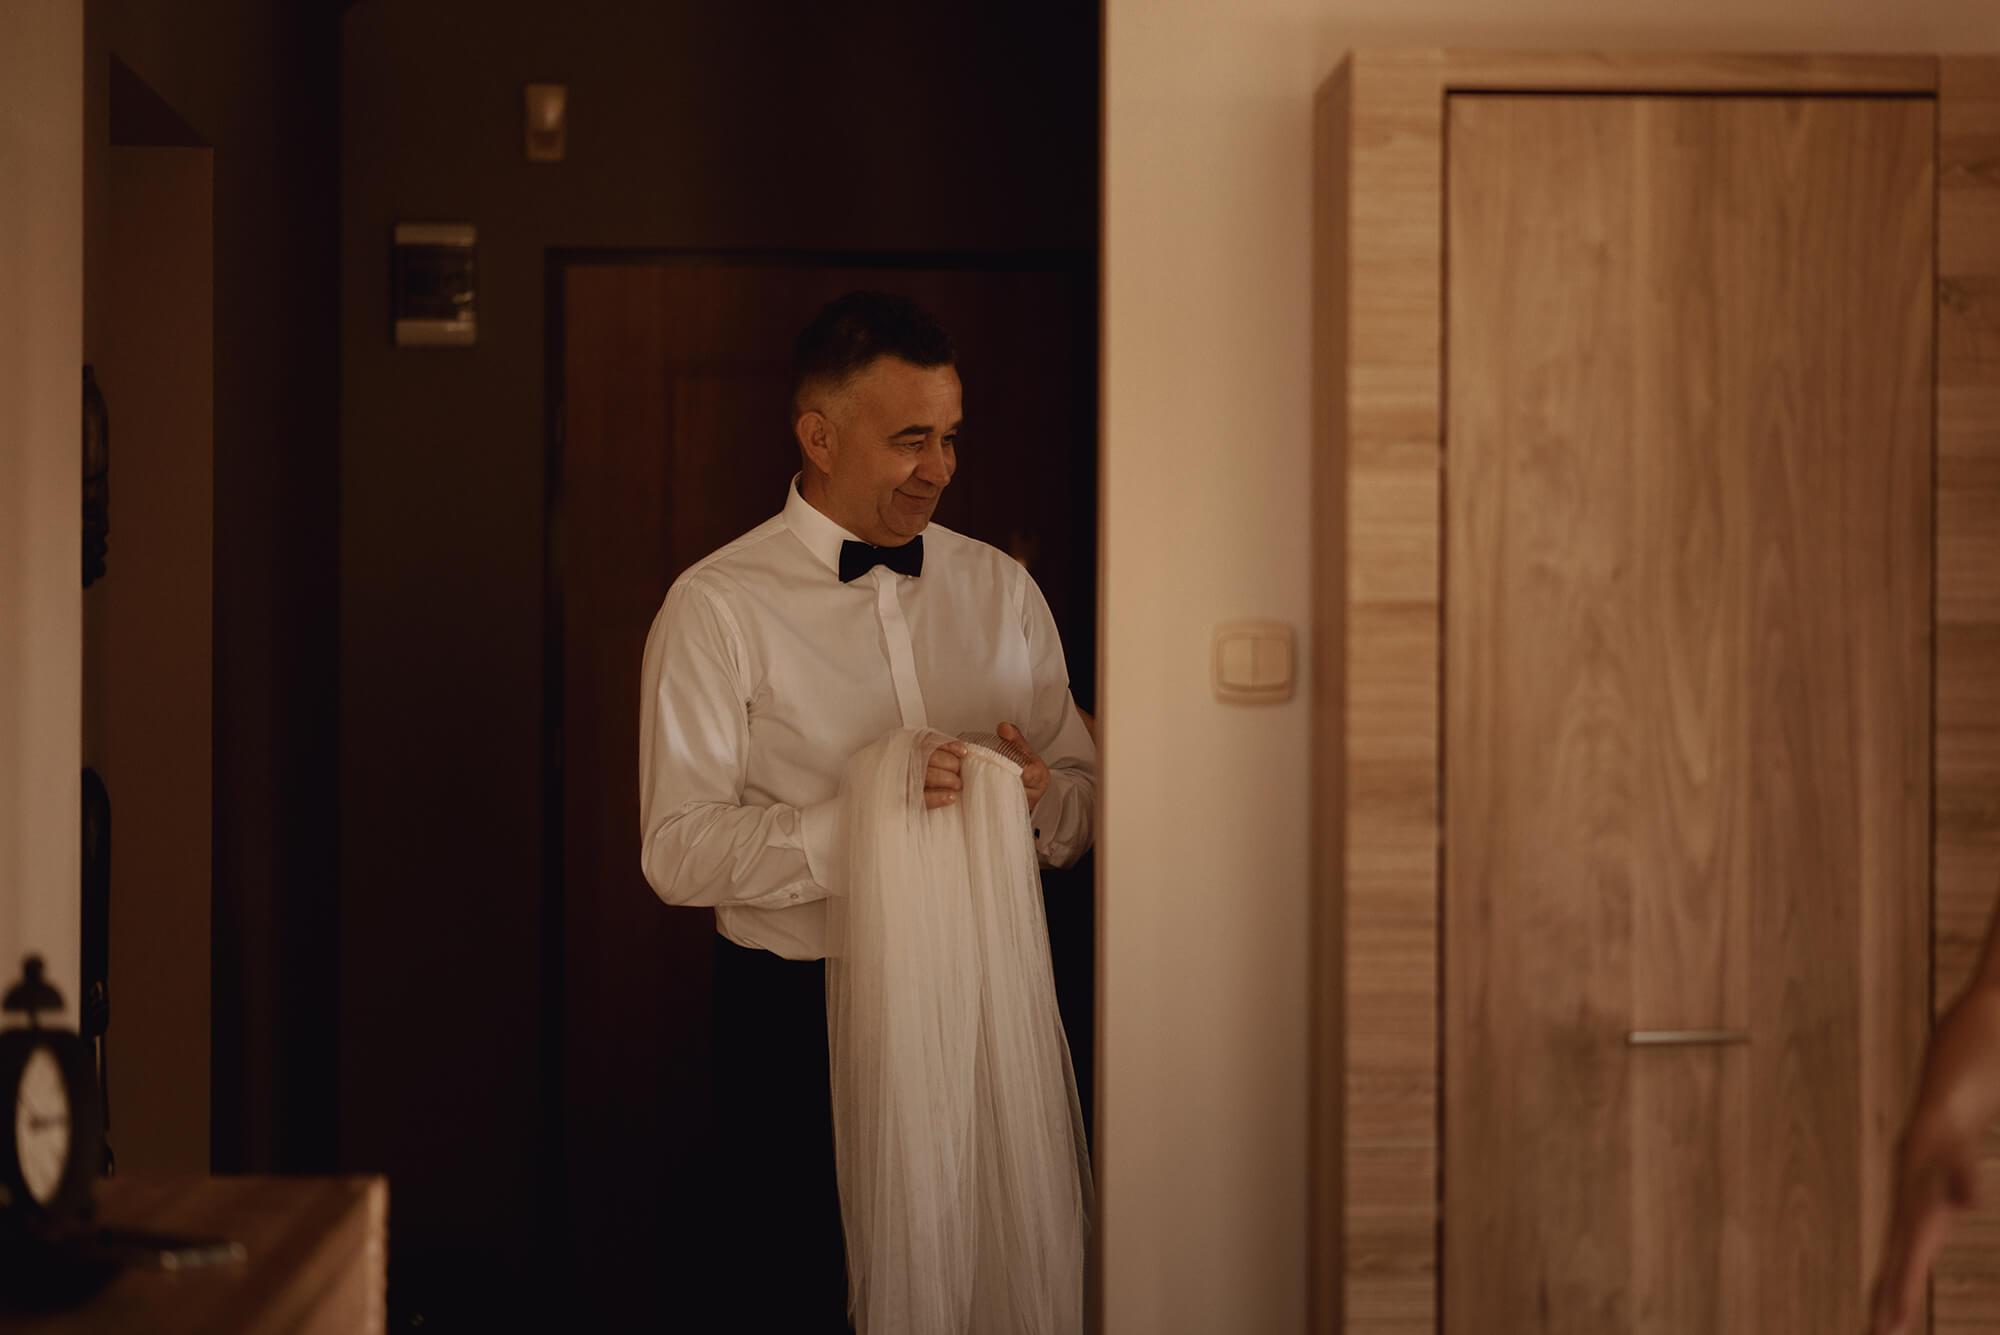 Slub wesele w dworze Hulanka00006 - Ola + Maciej | wesele w Dworze Hulanka